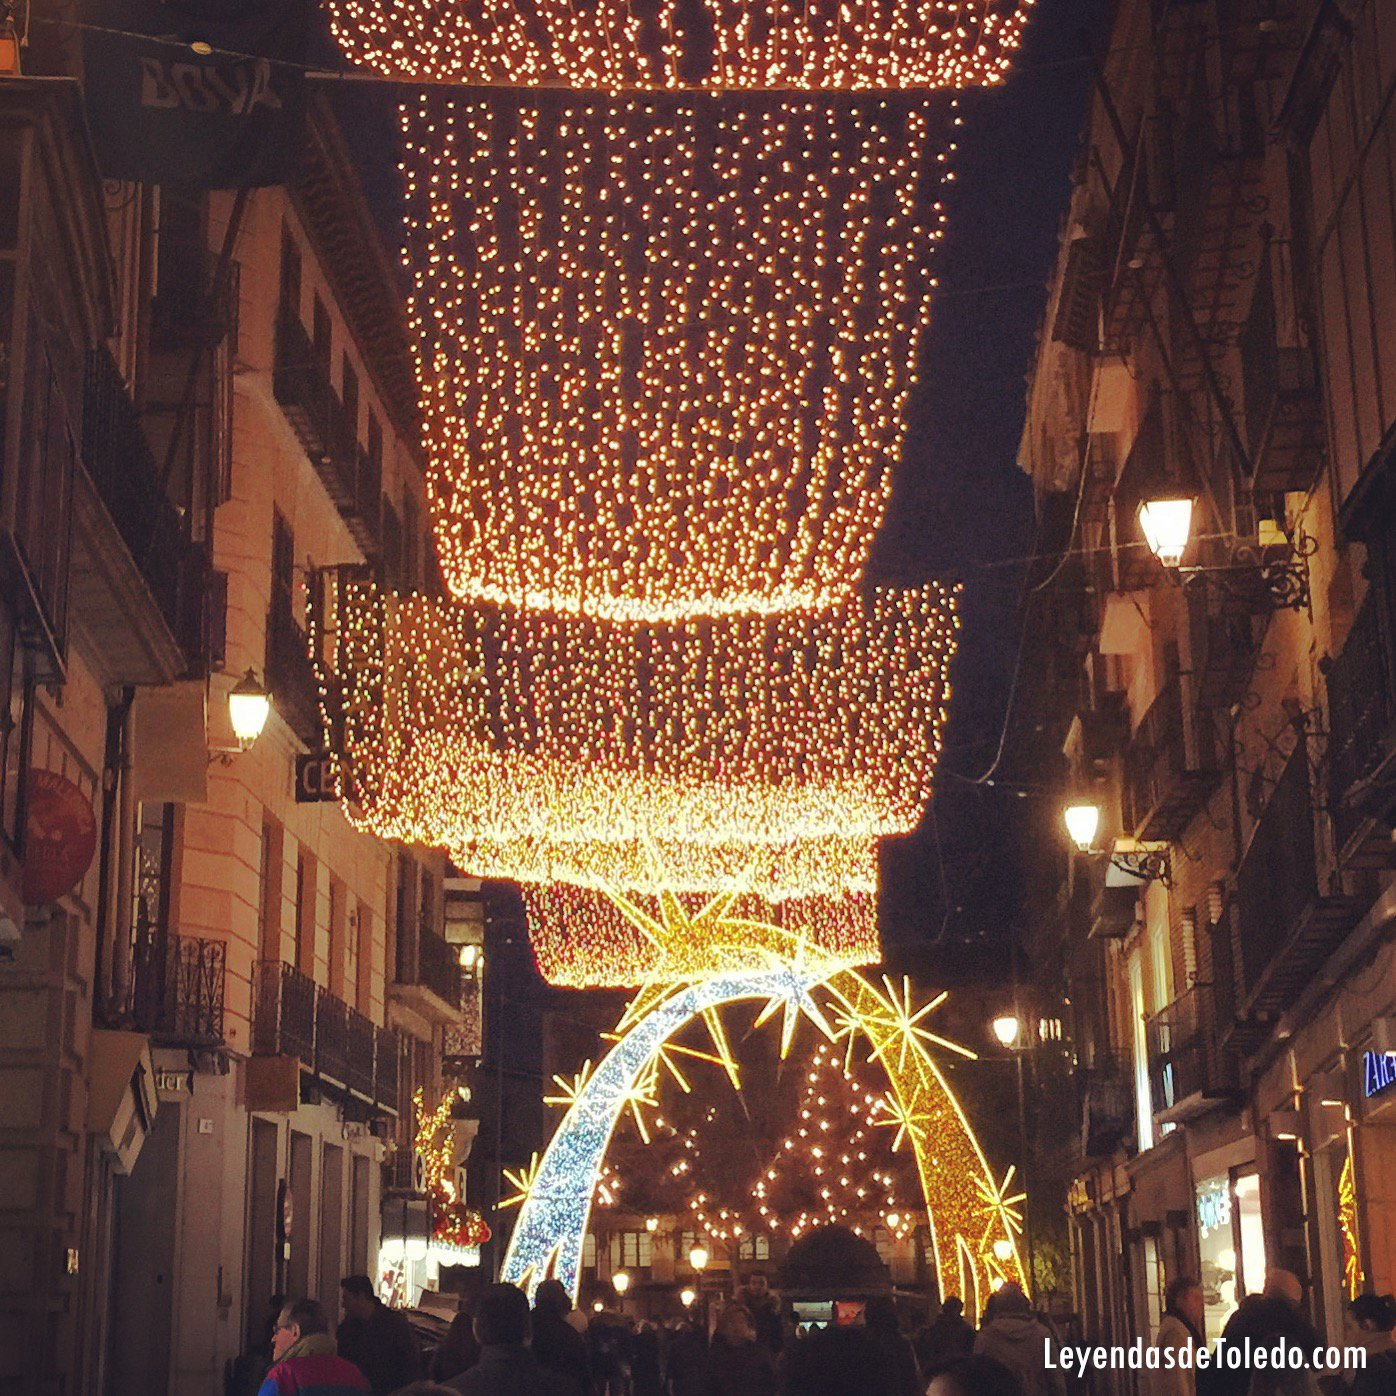 Toledo en el puente estará adornado con miles de luces por Navidad